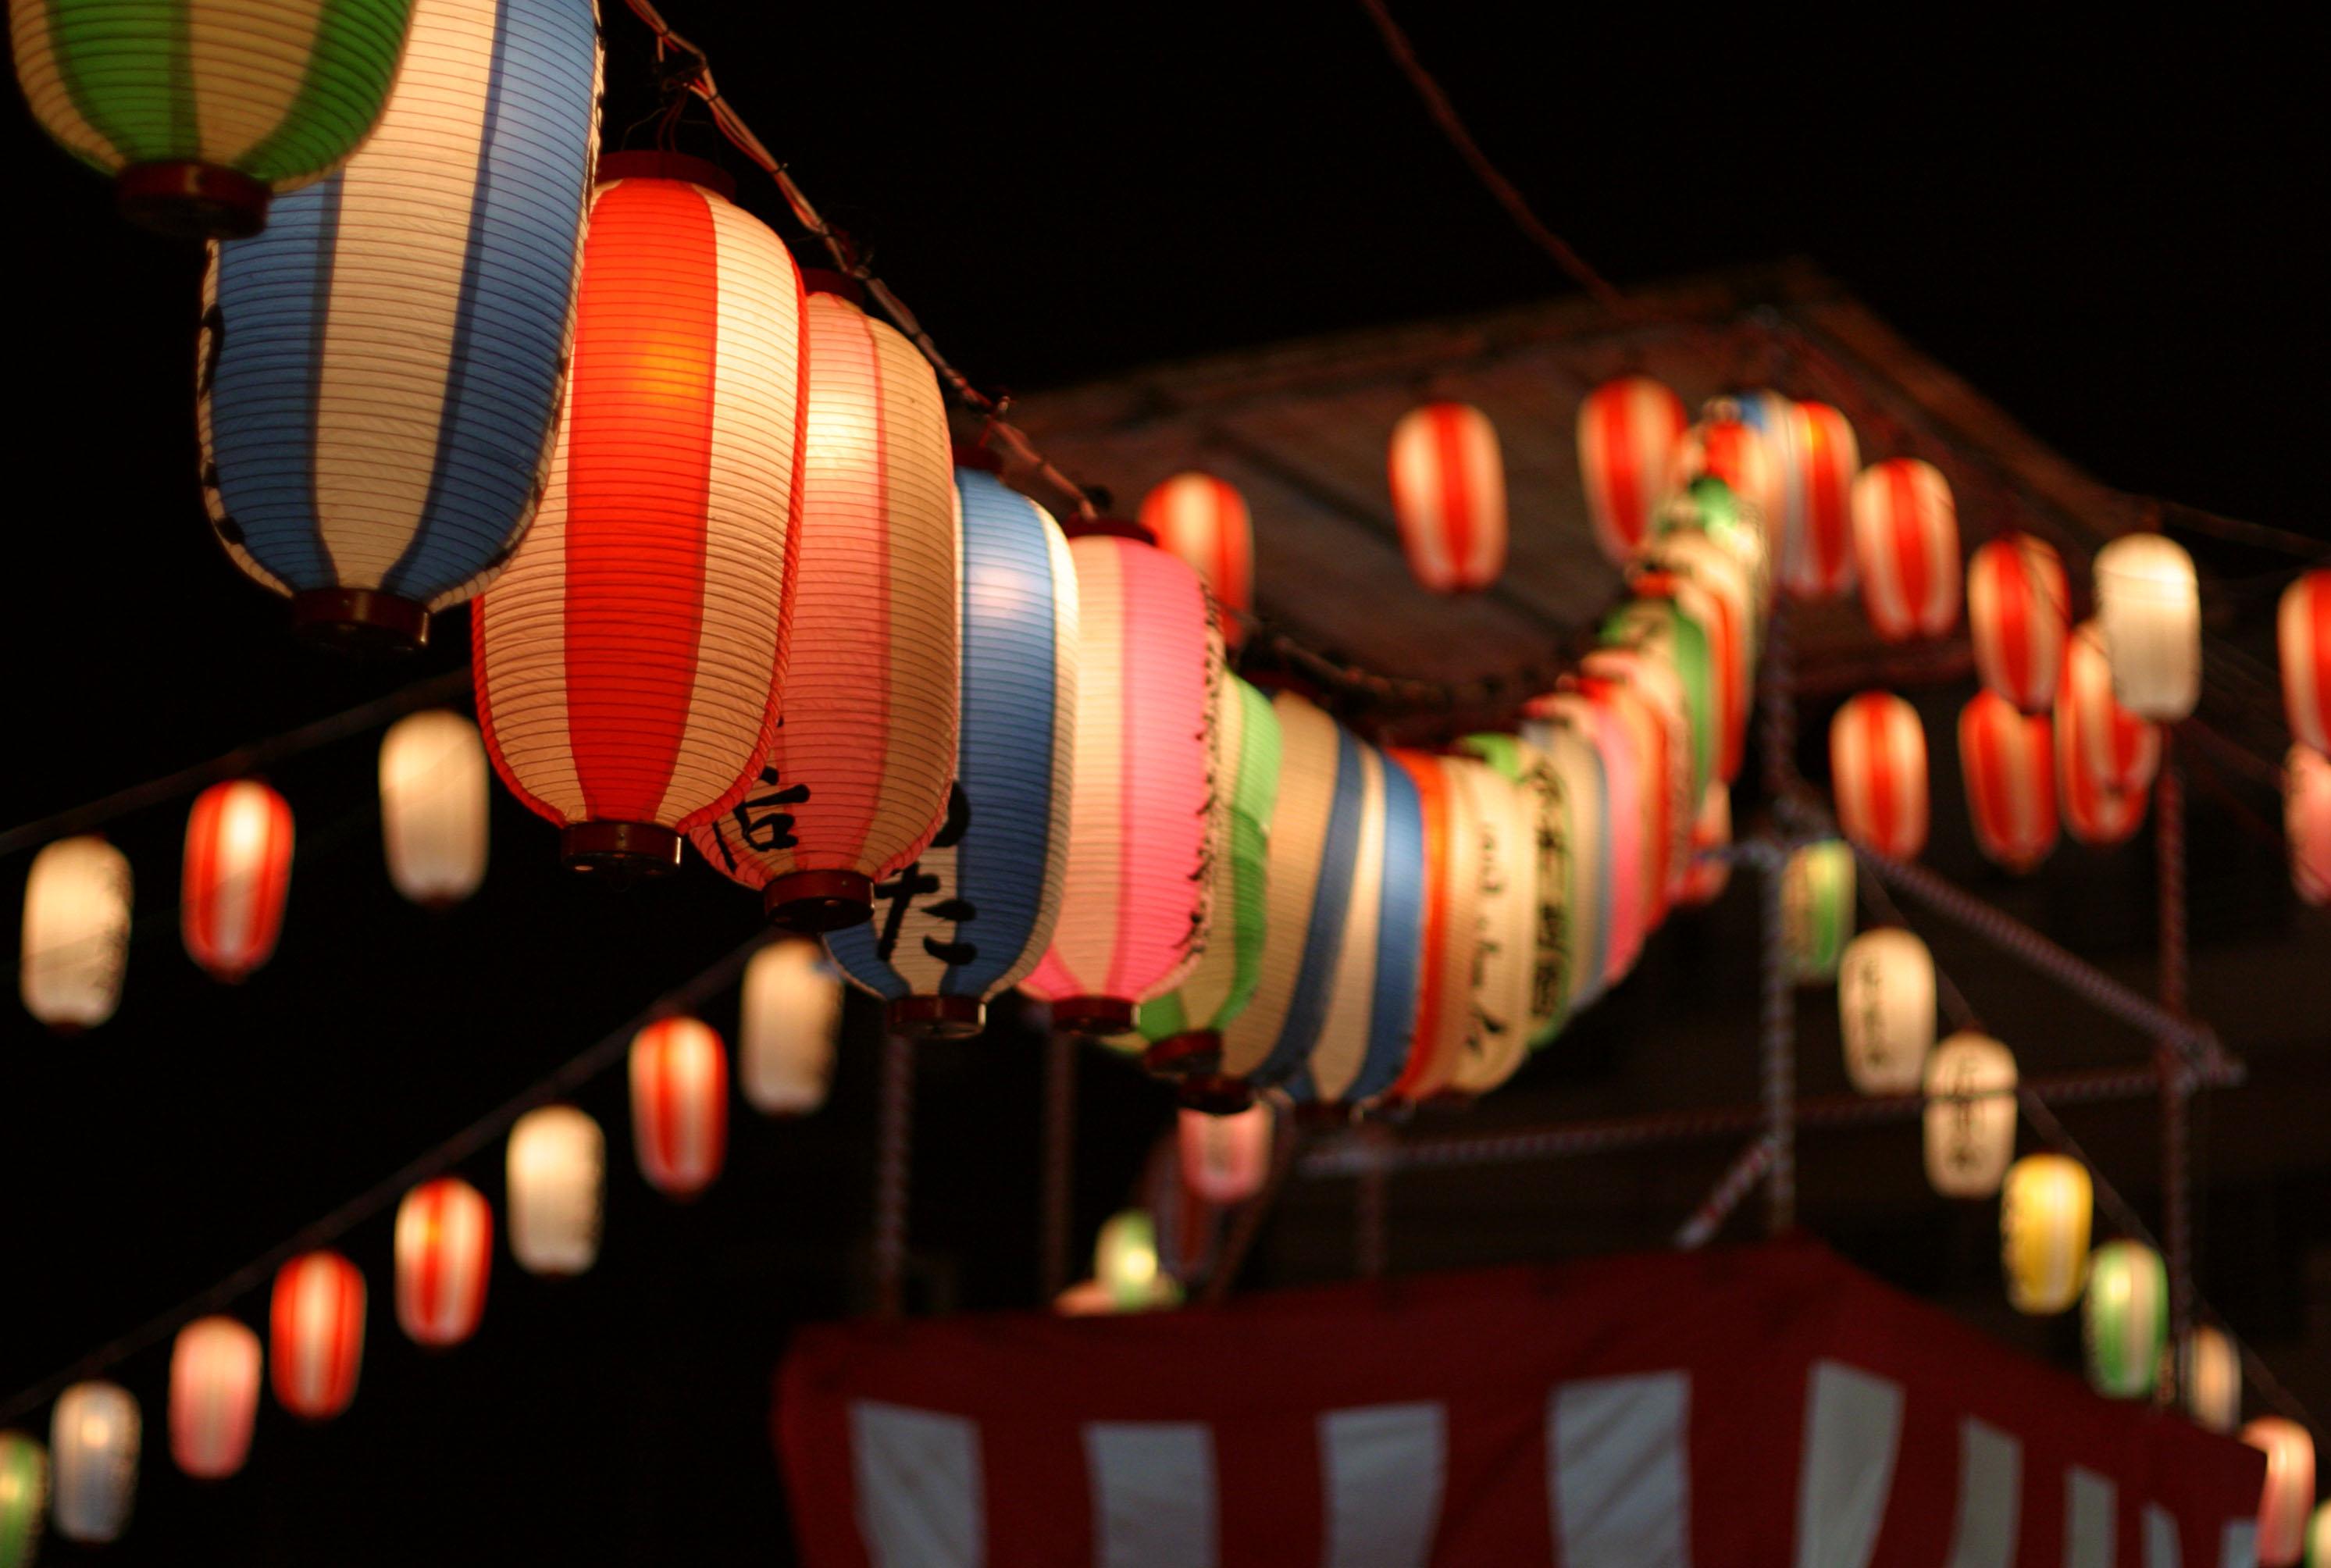 写真,素材,無料,フリー,フォト,クリエイティブ・コモンズ,風景,壁紙,夏祭りの提灯, ちょうちん, 提灯, 堤燈, 盆踊り